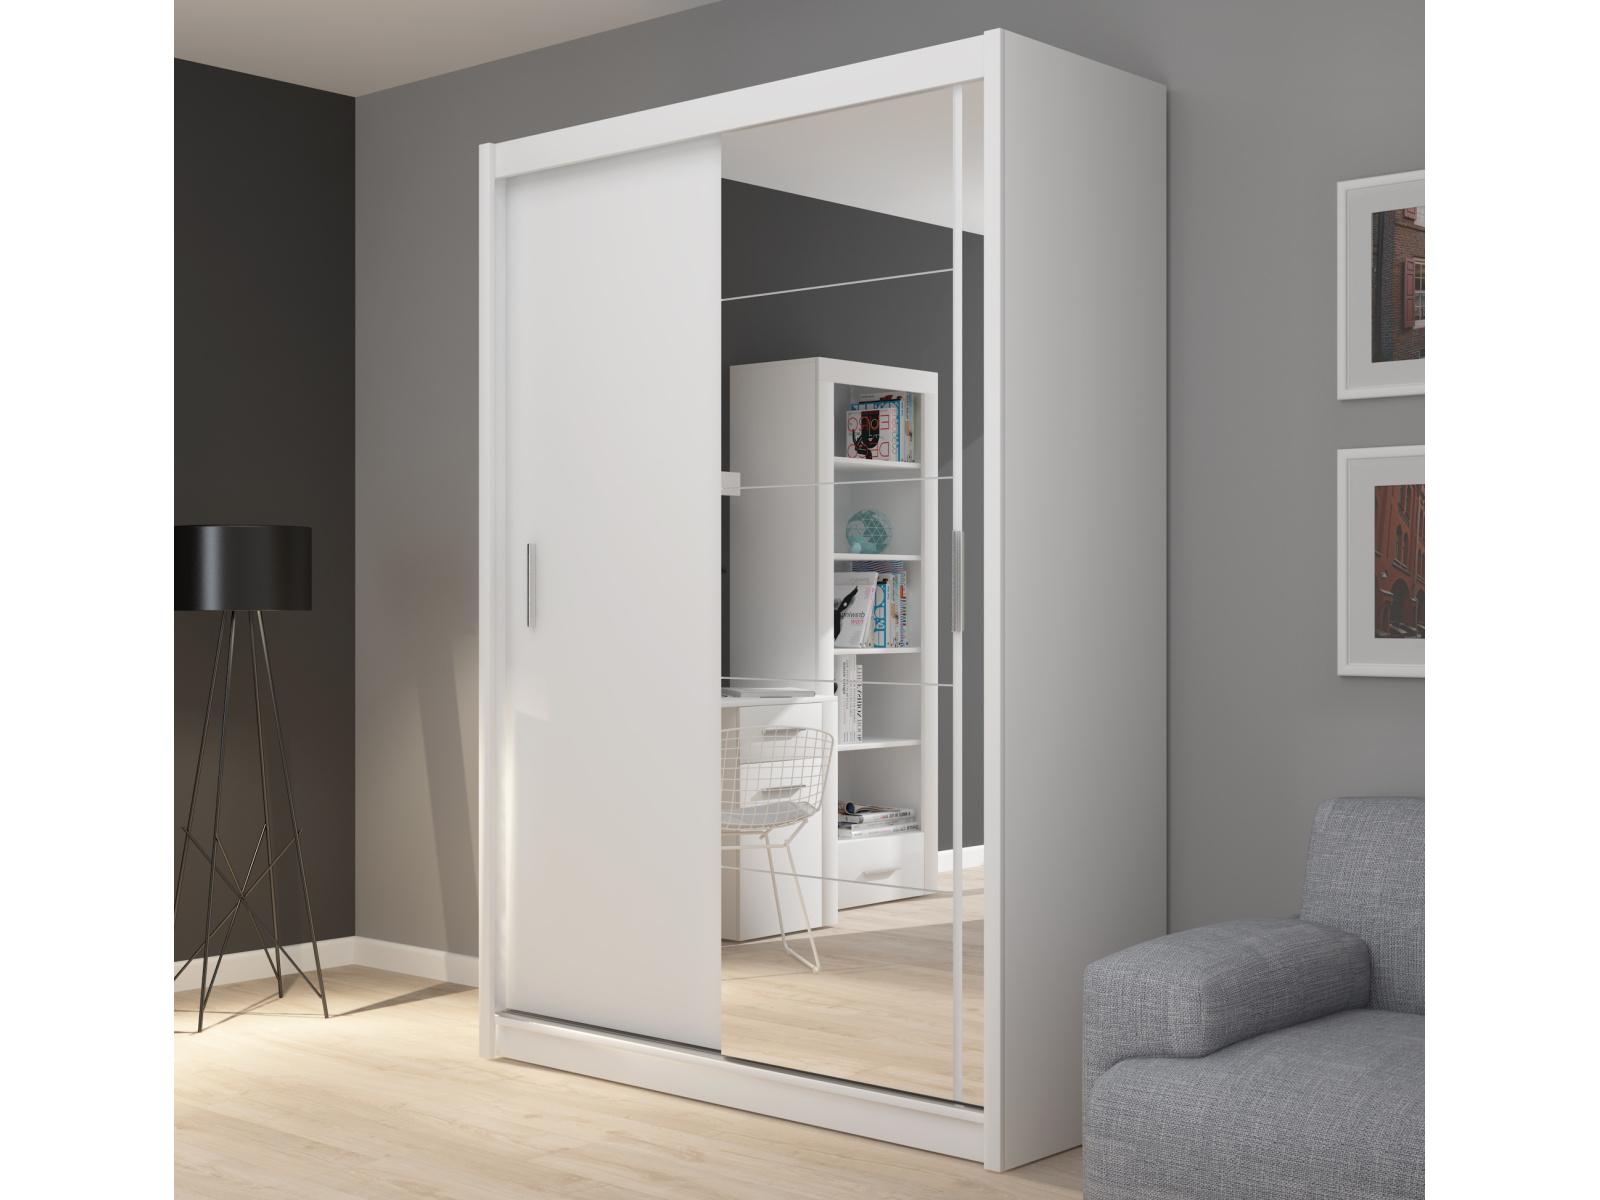 Fado 150 с зеркалом. шкафы с раздвижными дверями. польша. bo.